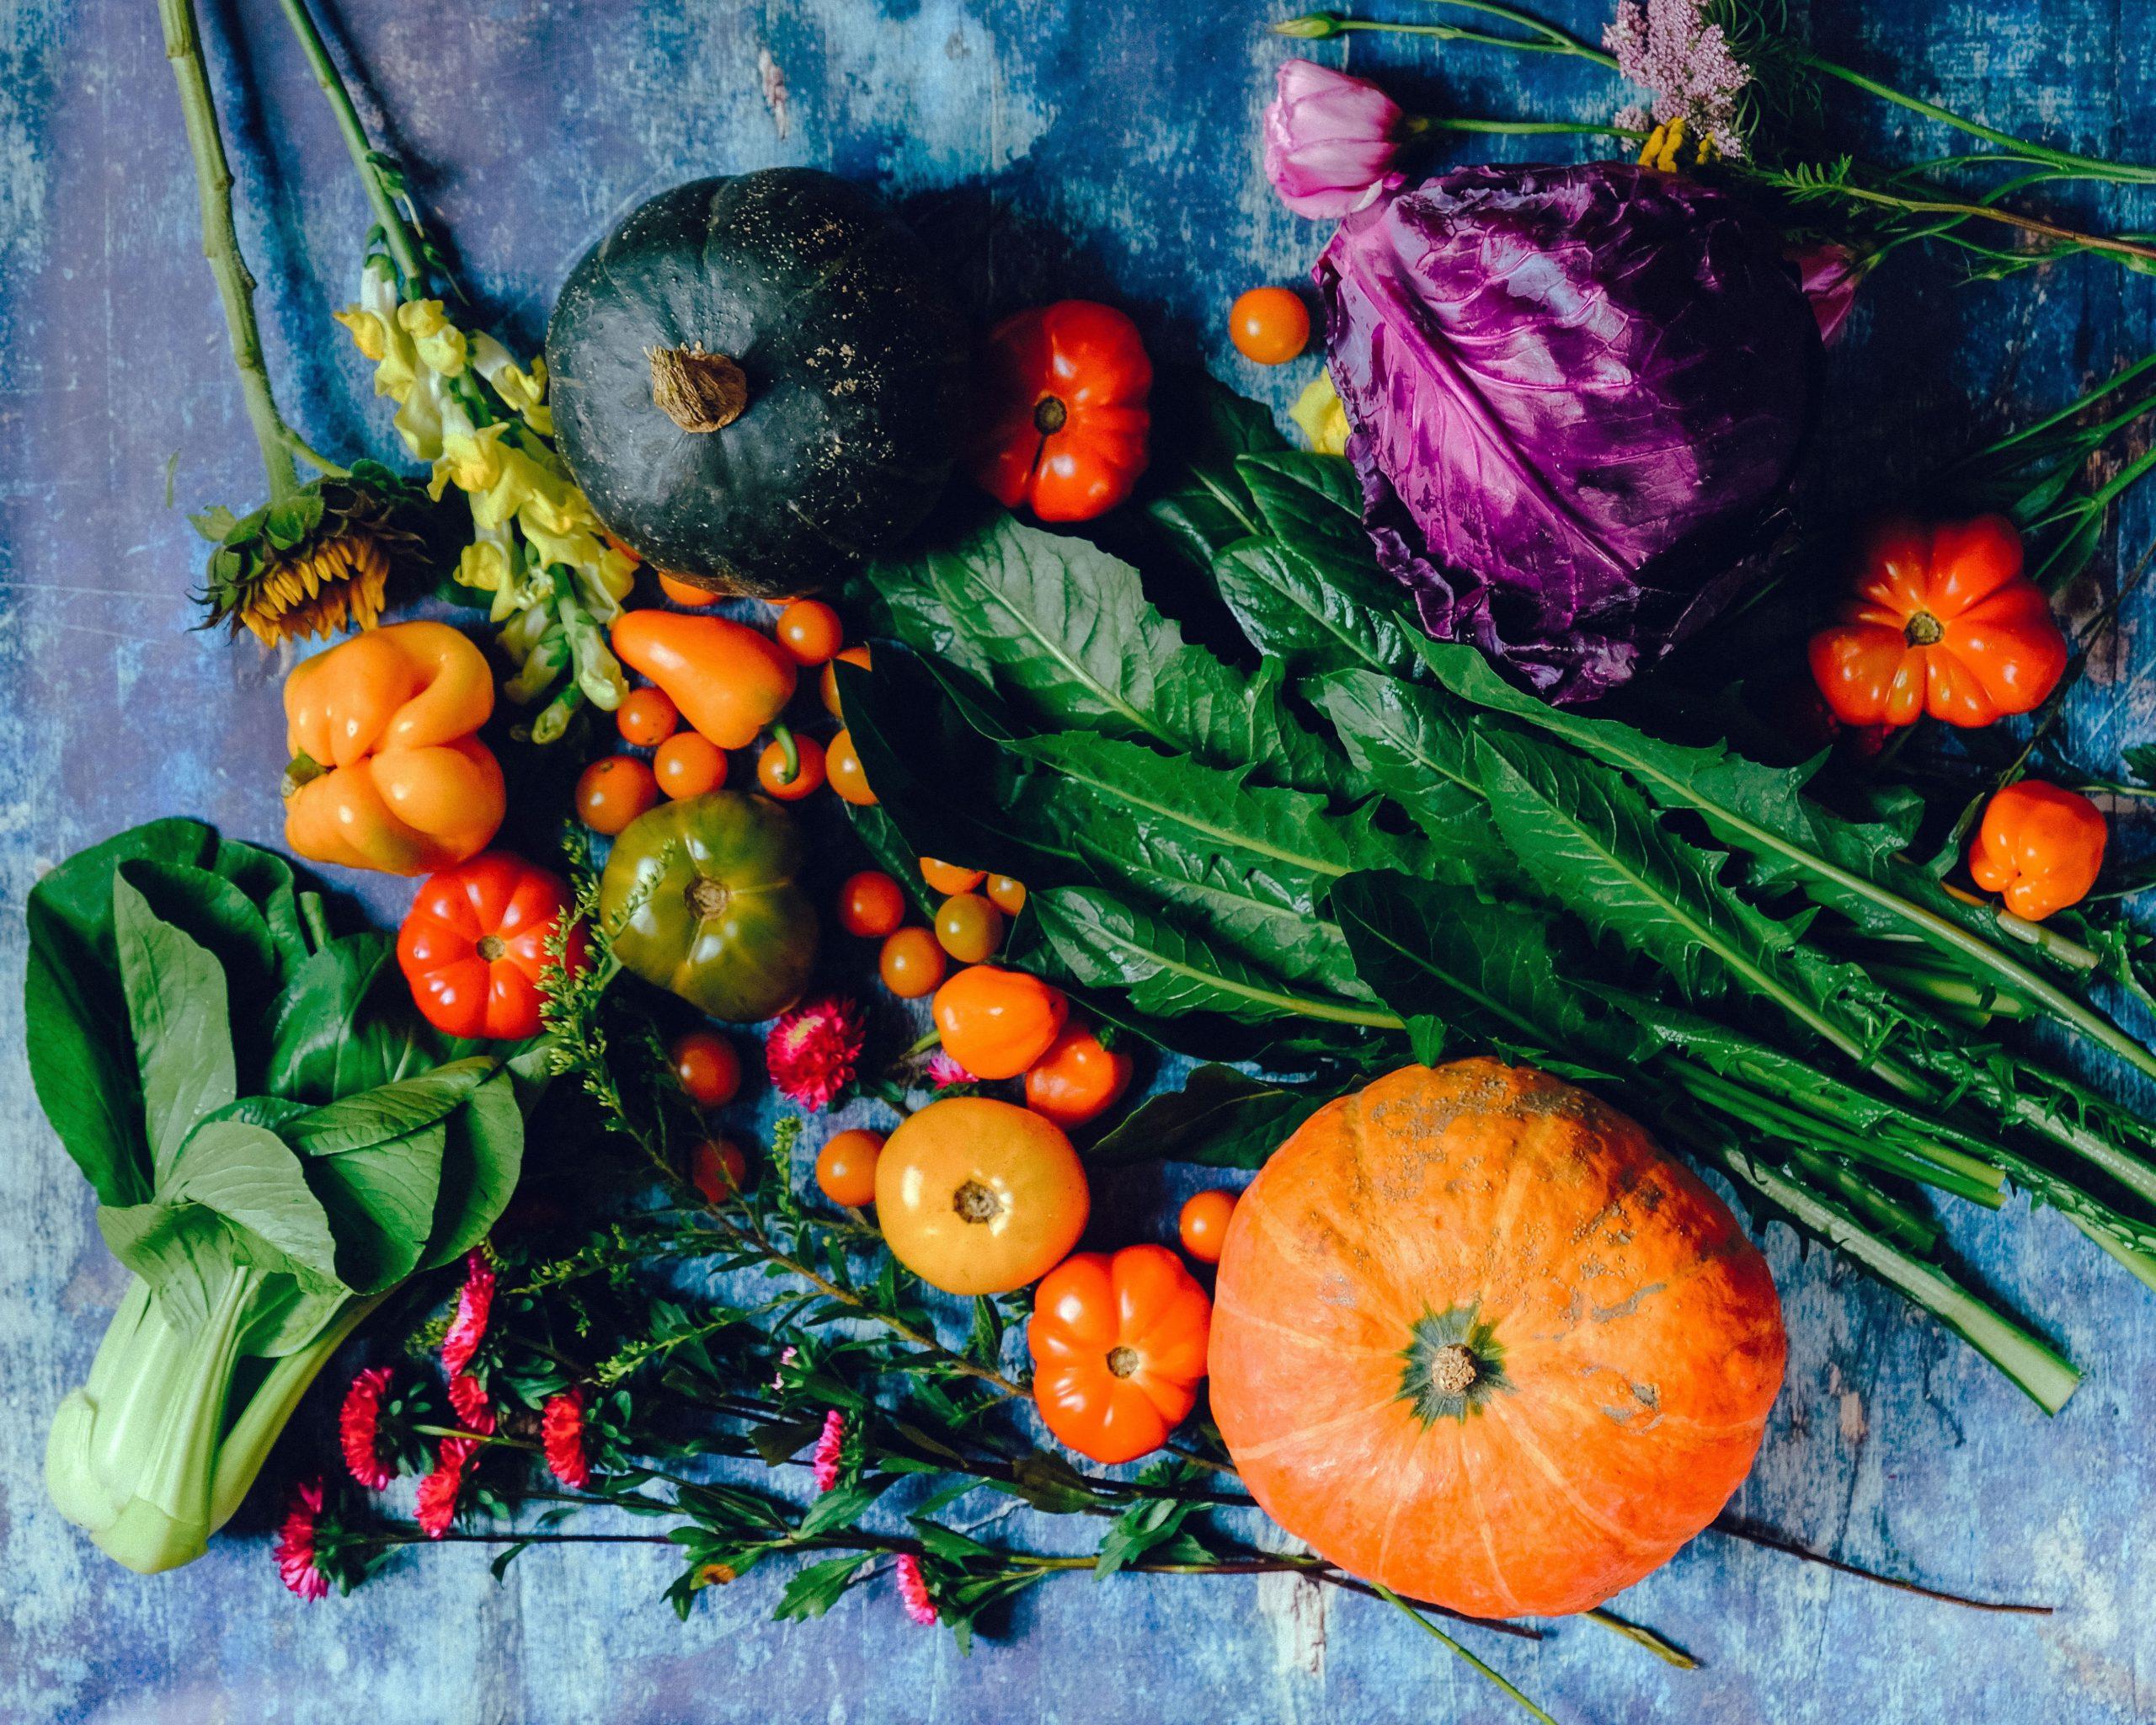 Légumes et fruits frais